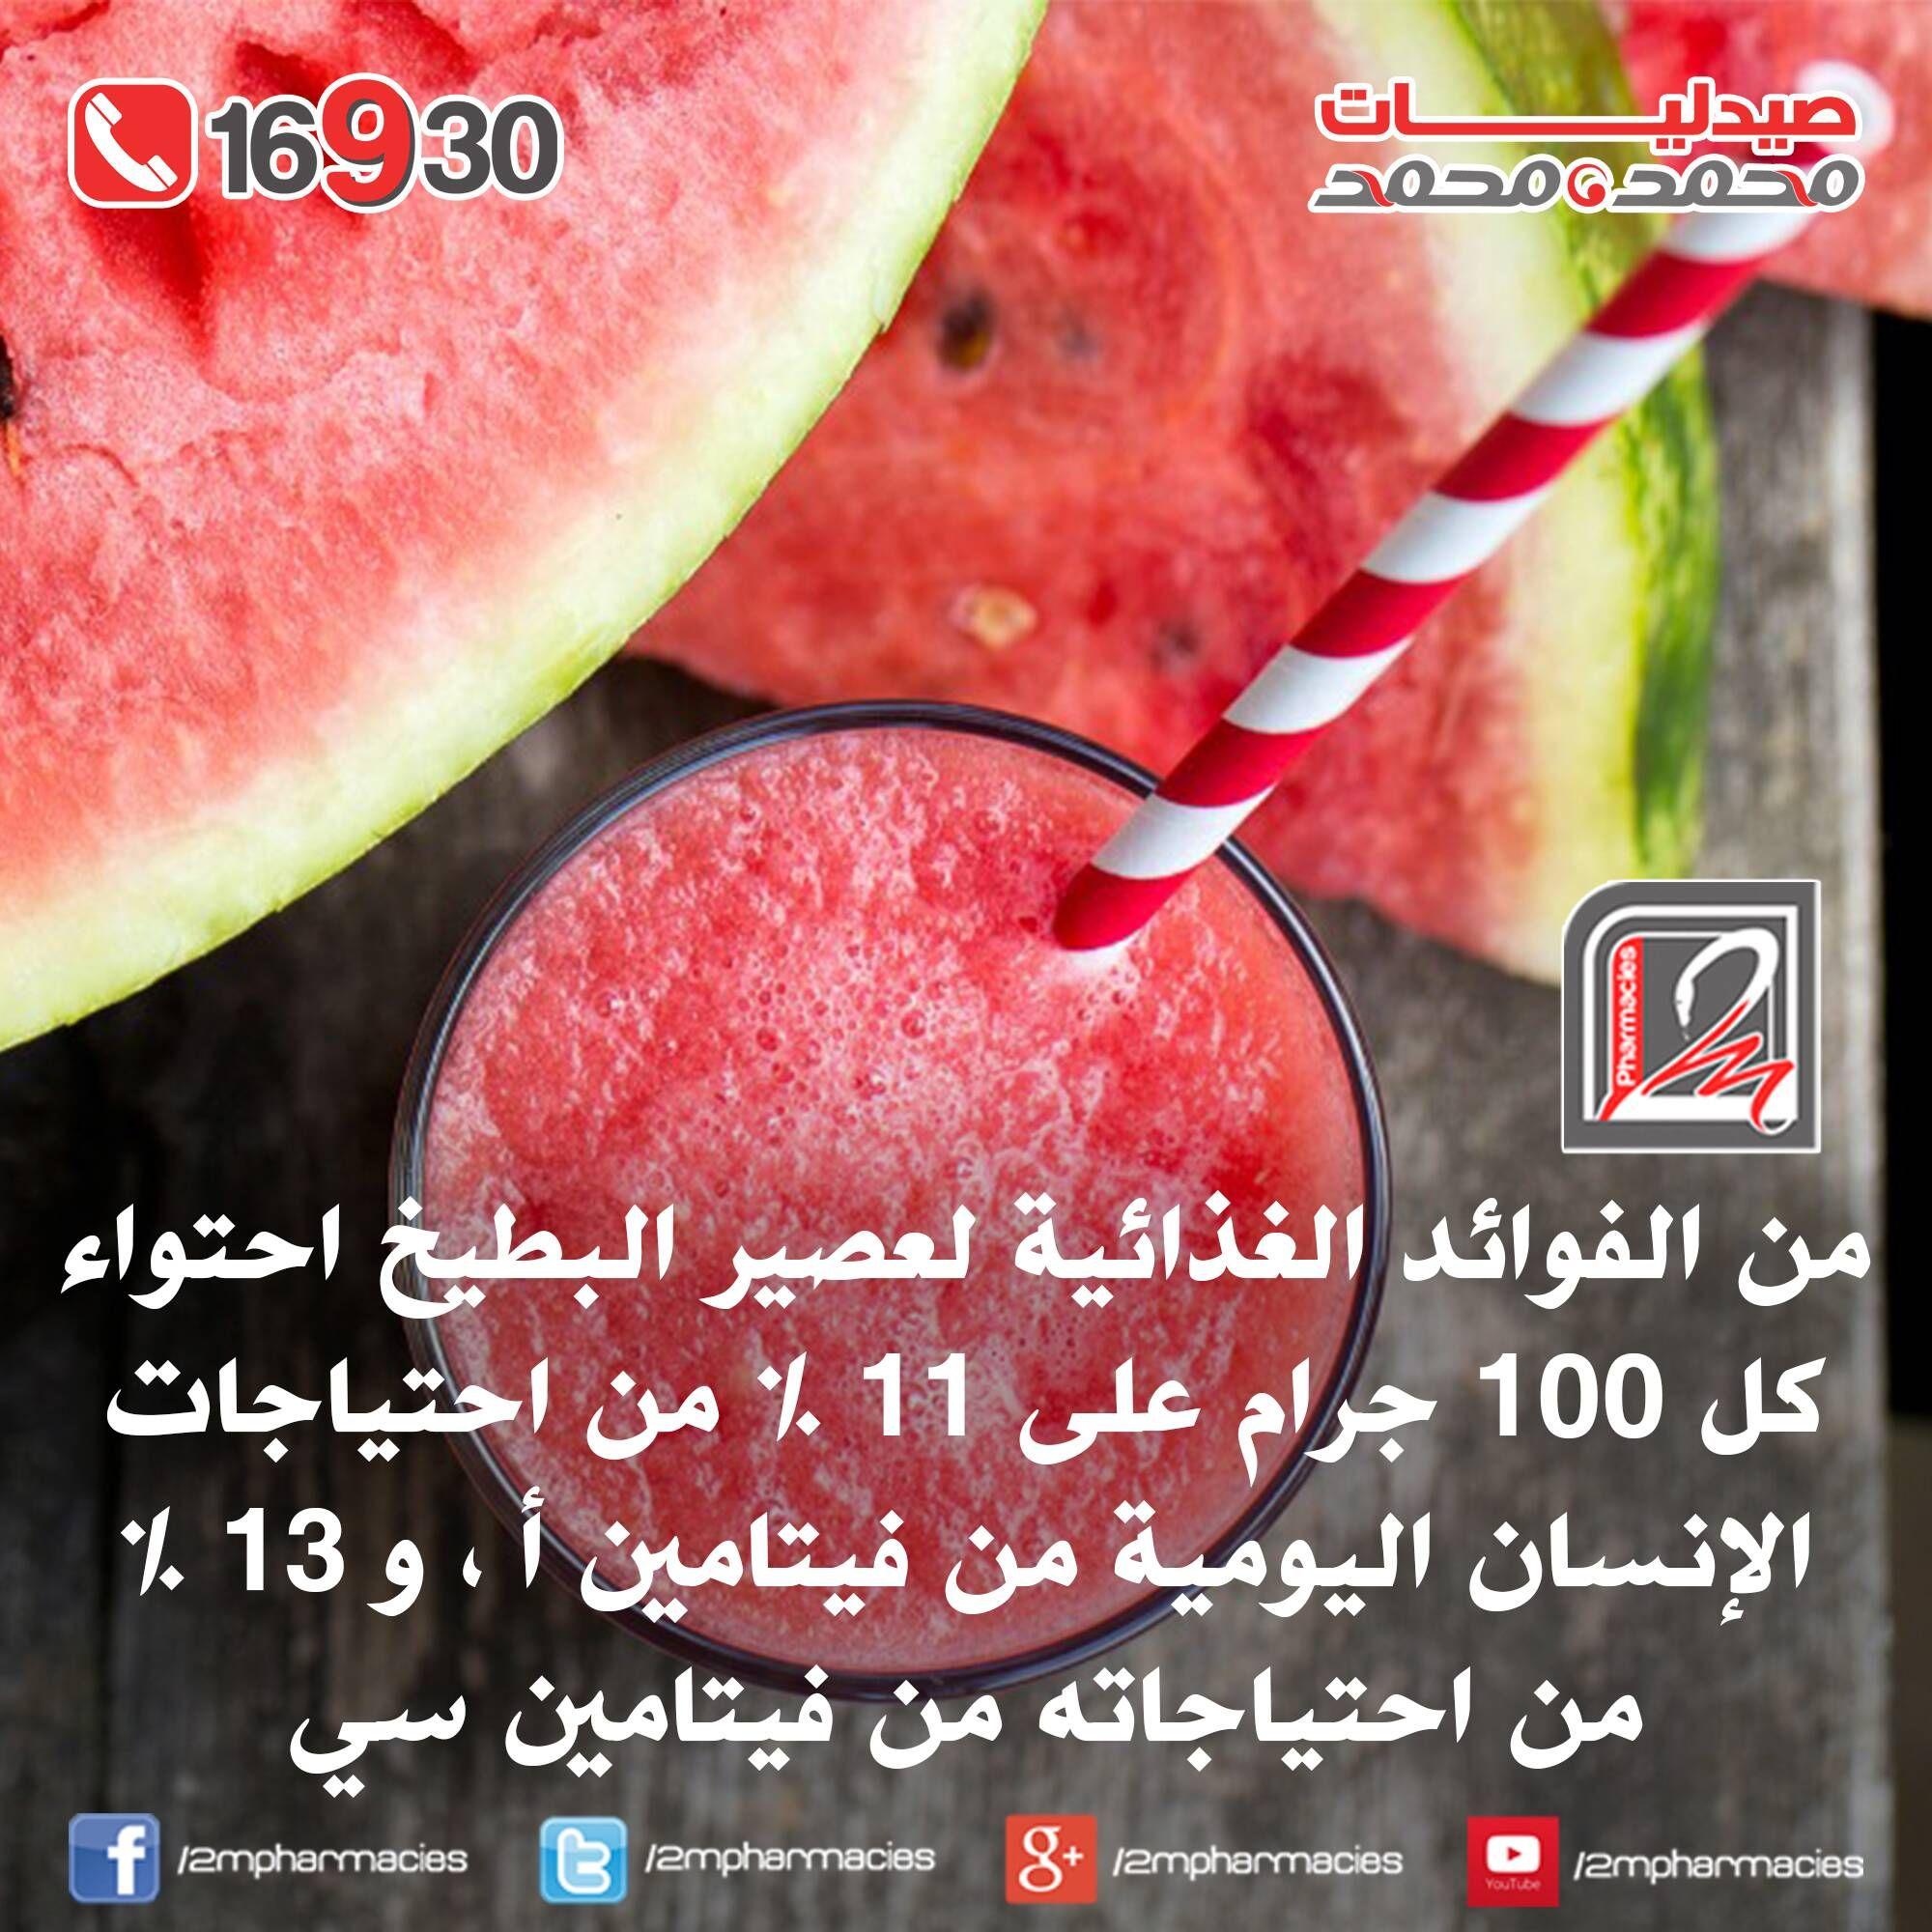 من الفوائد الغذائية لعصير البطيخ احتواء كل 100 جرام على 11 من احتياجات الإنسان اليومية من فيتامين أ و 13 من احتياجاته من فيتامين سي Watermelon Fruit Food